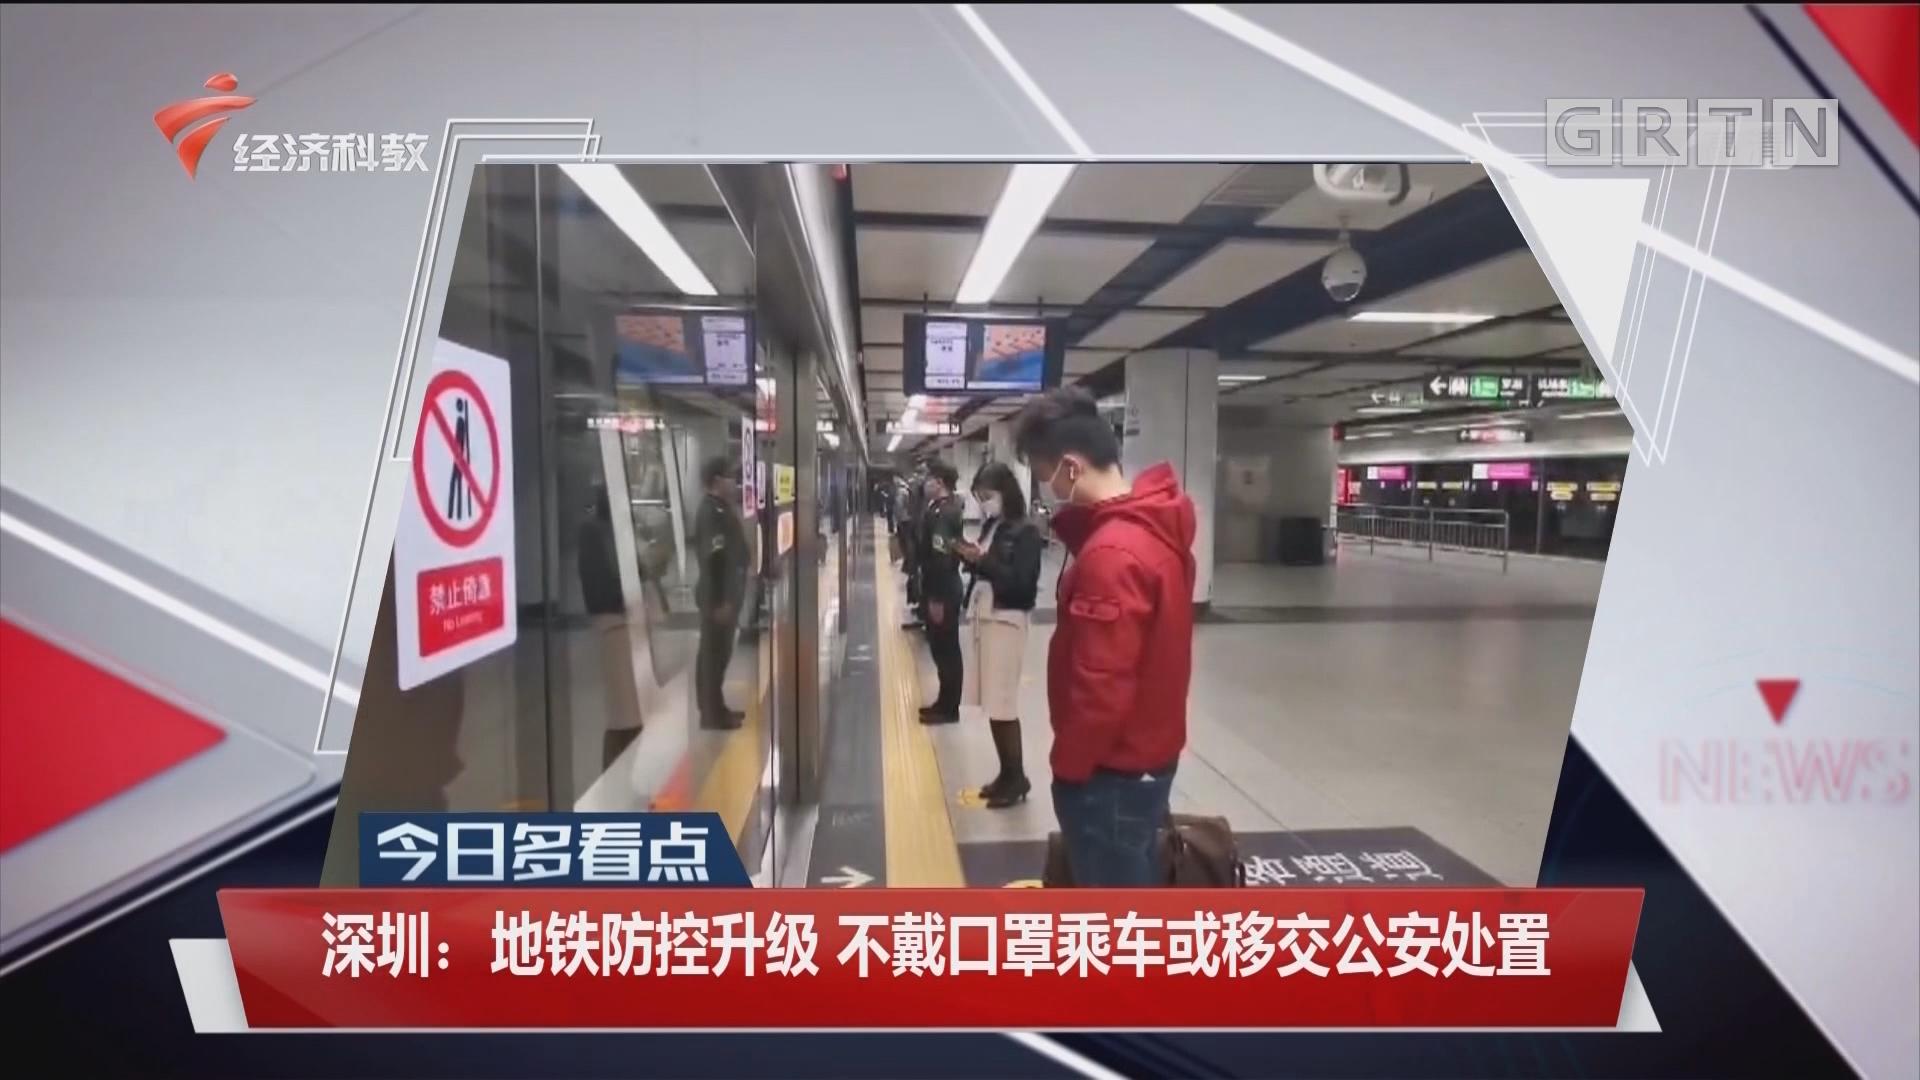 深圳:地铁防控升级 不戴口罩乘车或移交公安处置